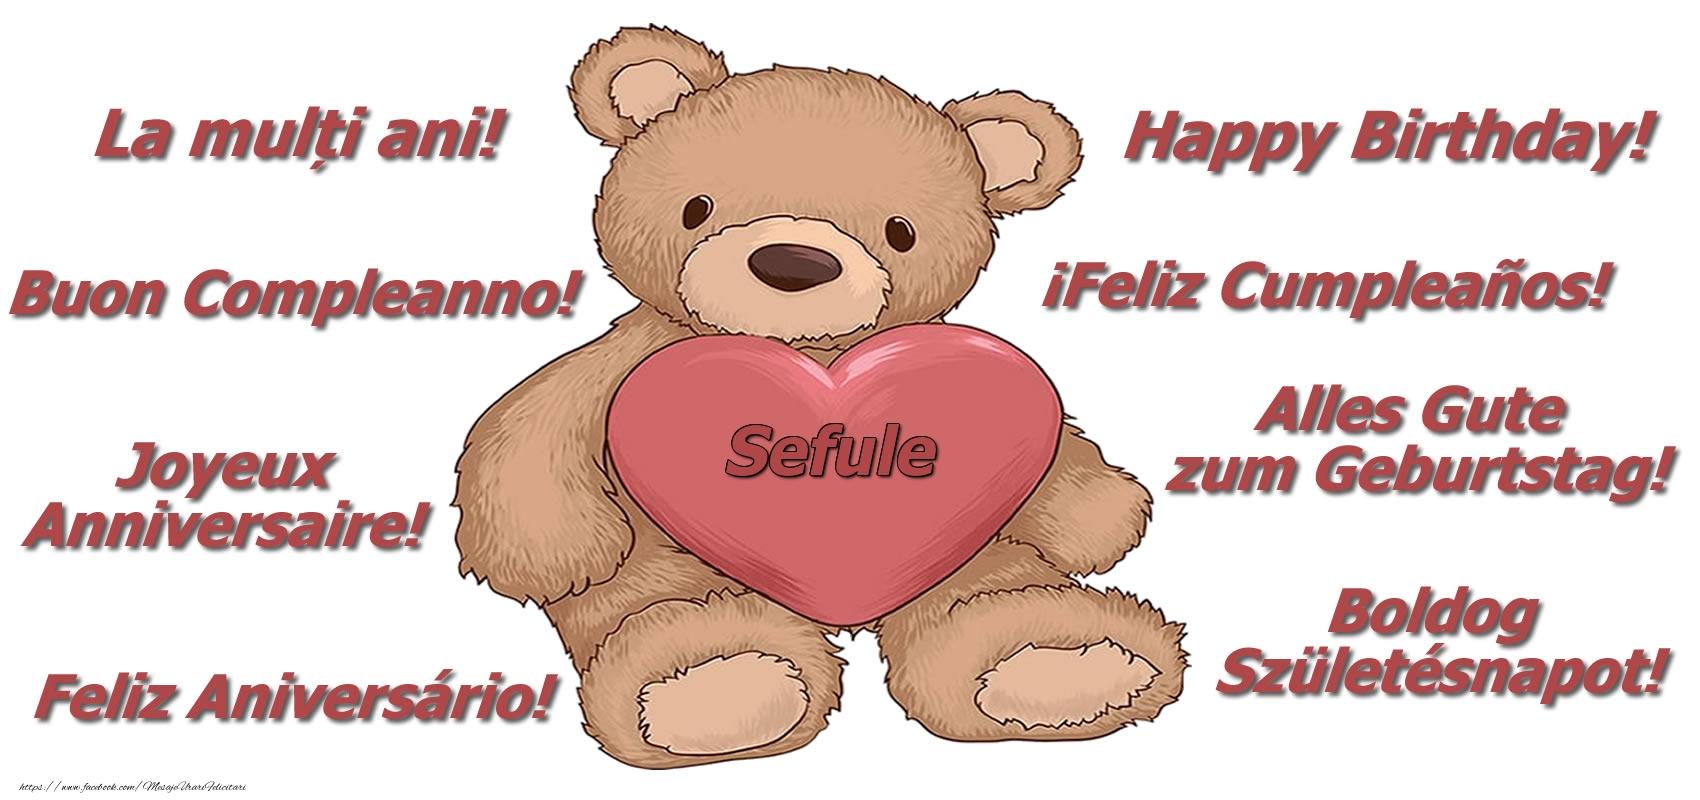 Felicitari frumoase de zi de nastere pentru Sef   La multi ani sefule! - Ursulet